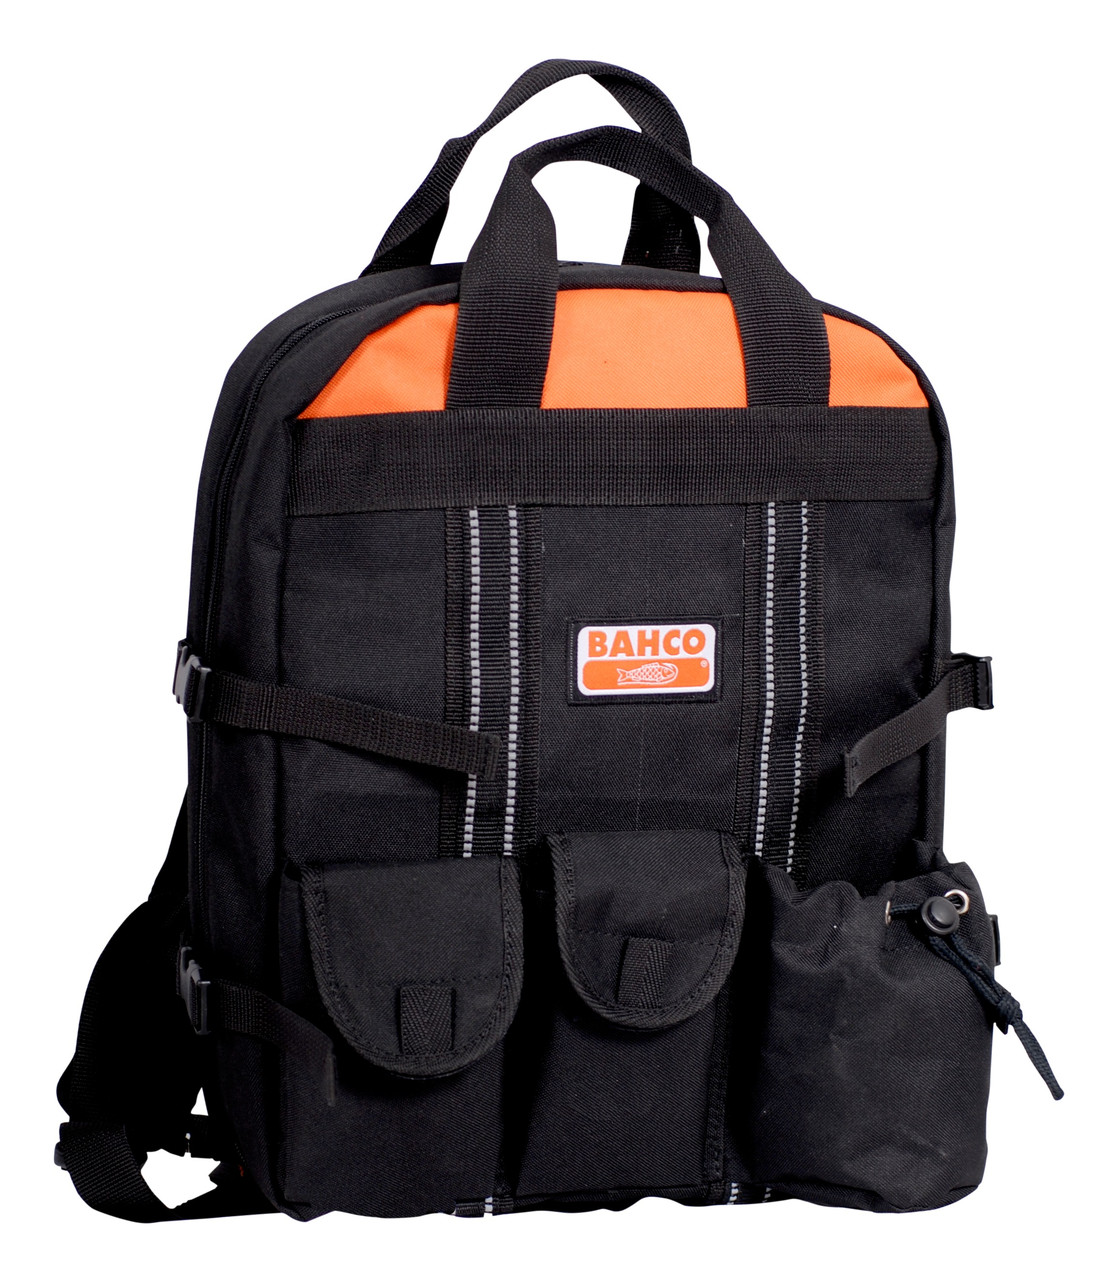 Рюкзак, Bahco, 3875-BP1